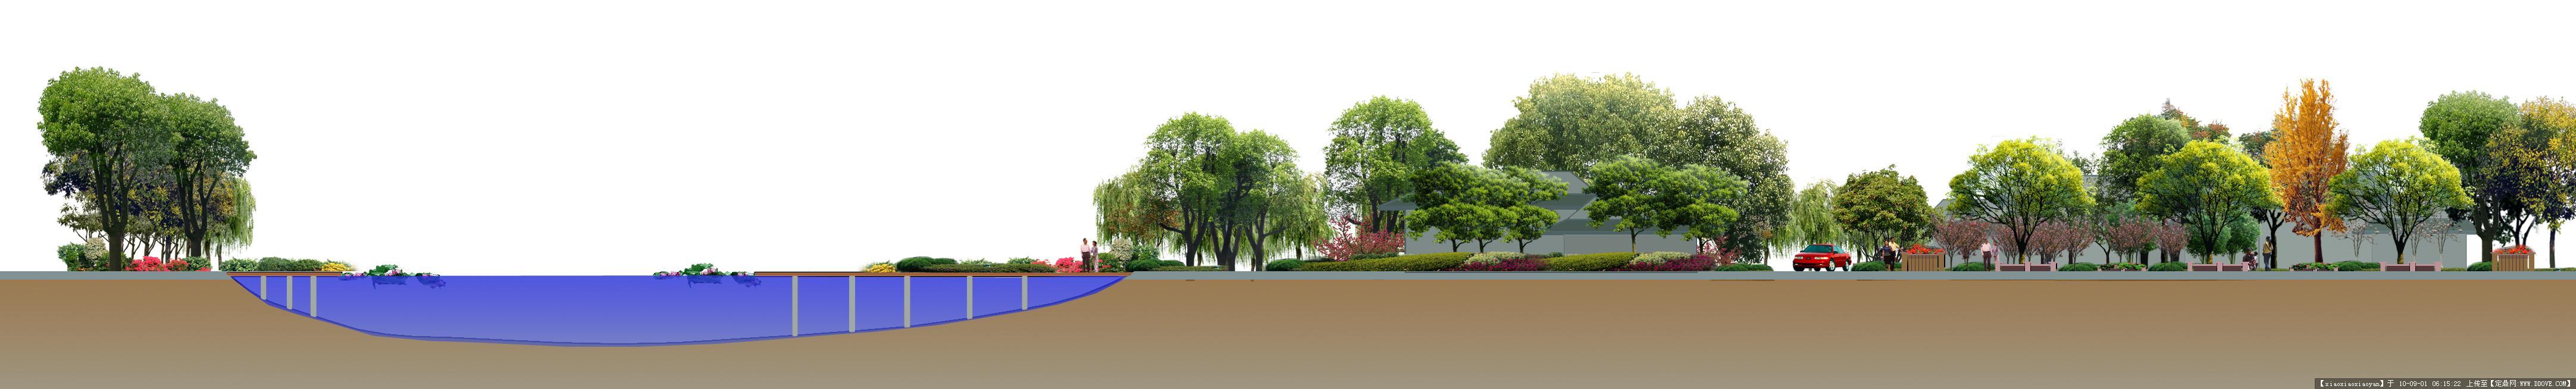 公园规划主要立面之--立面图一